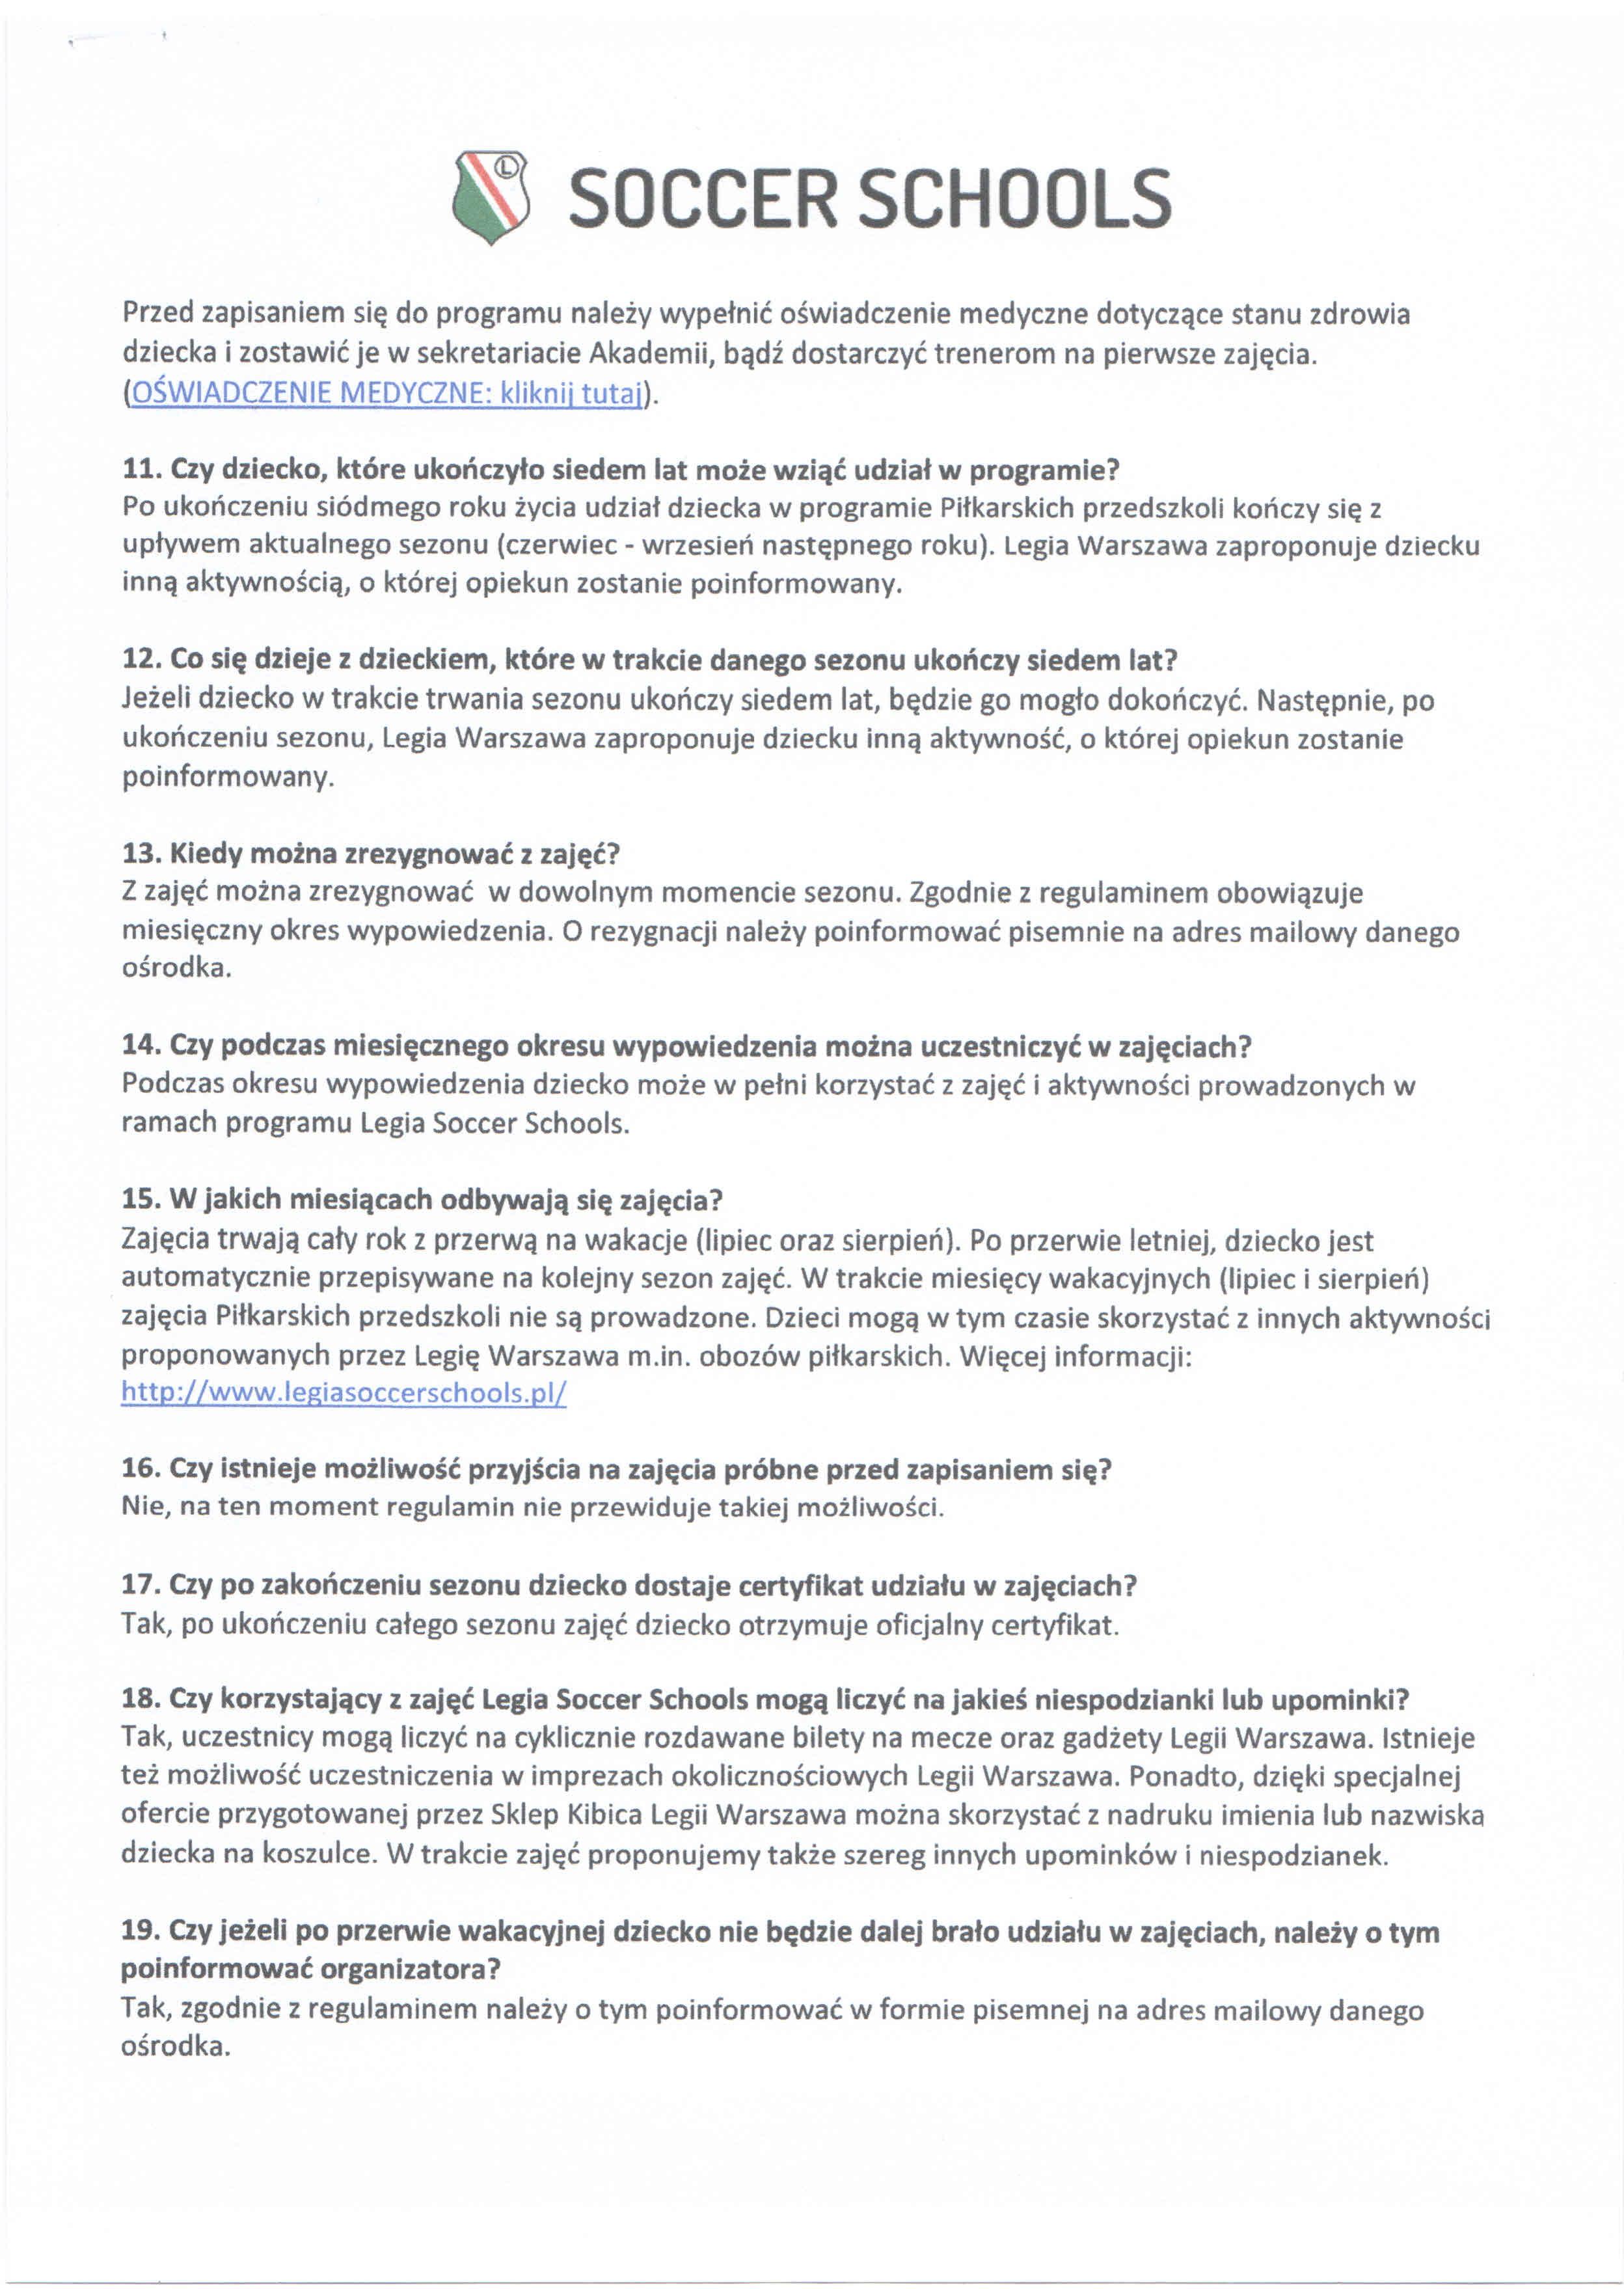 FAQ_-_najczestsze_pytania.1.jpg